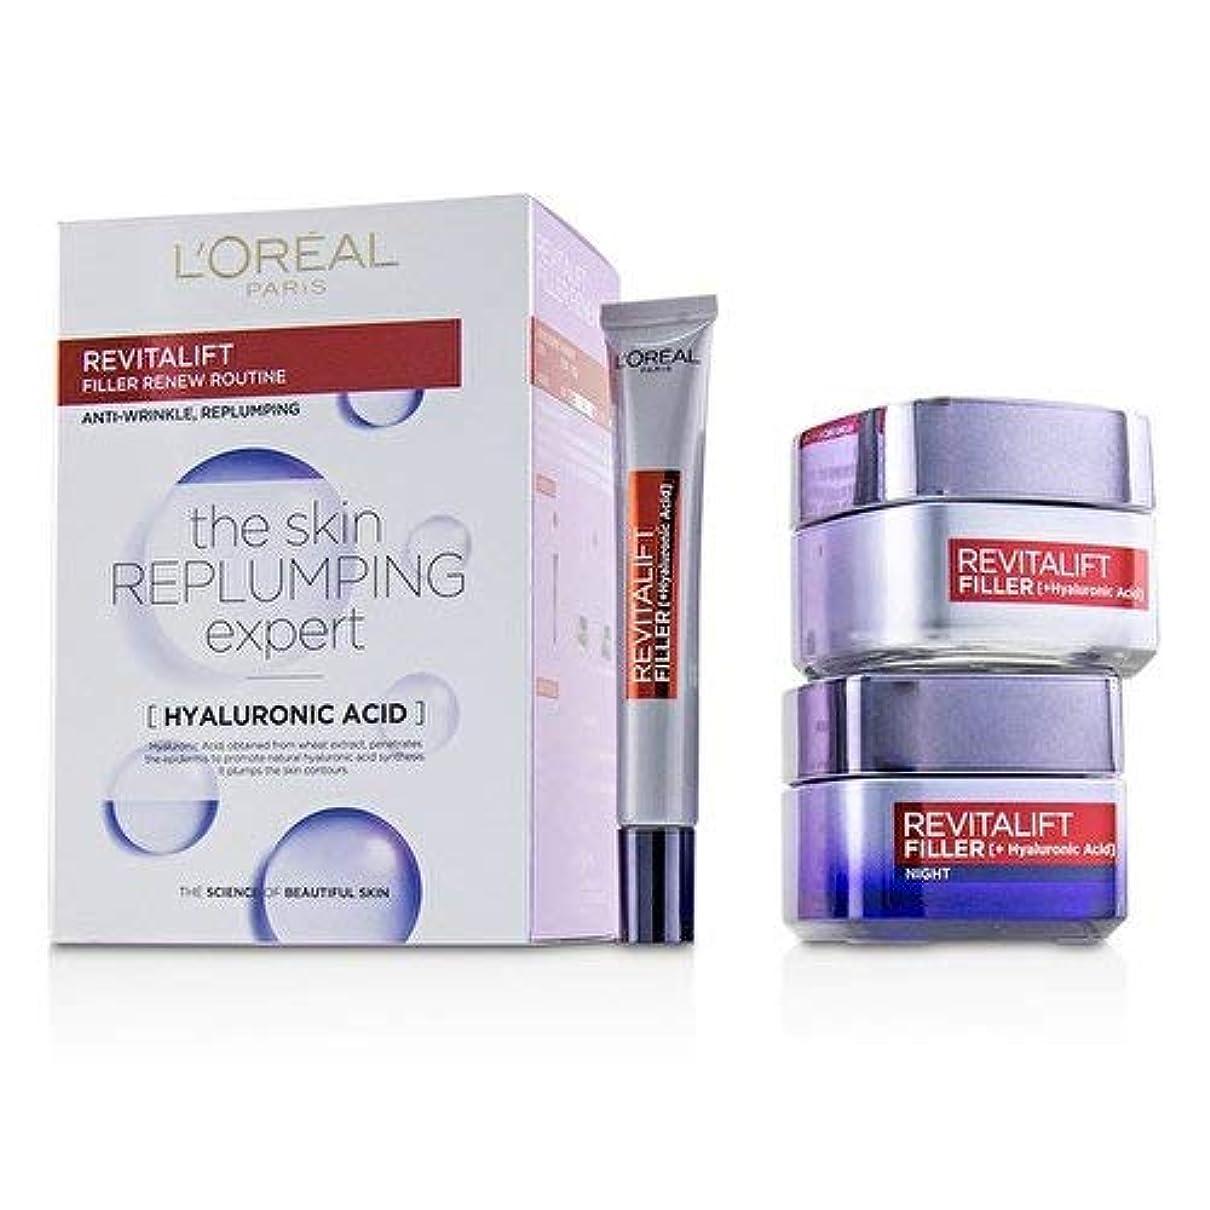 強い爆弾泣き叫ぶロレアル Revitalift Filler Renew Routine Set: Day Cream 50ml/1.7oz + Night Cream 50ml/1.7oz + Eye Cream 15 ml/0.5oz...